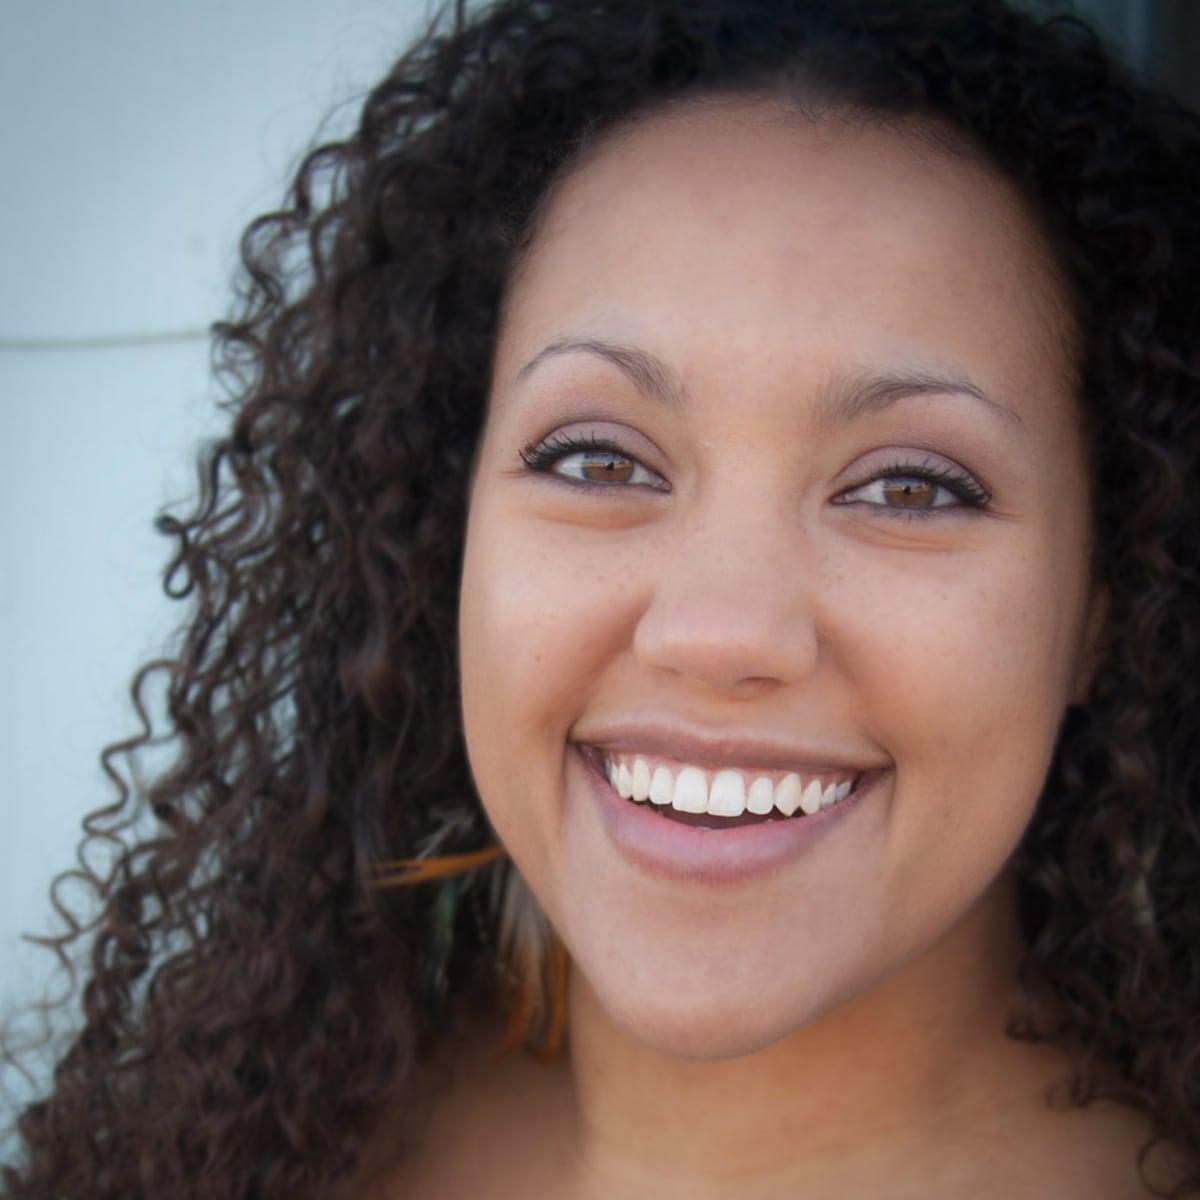 Dallas theatermaker Ariana Cook